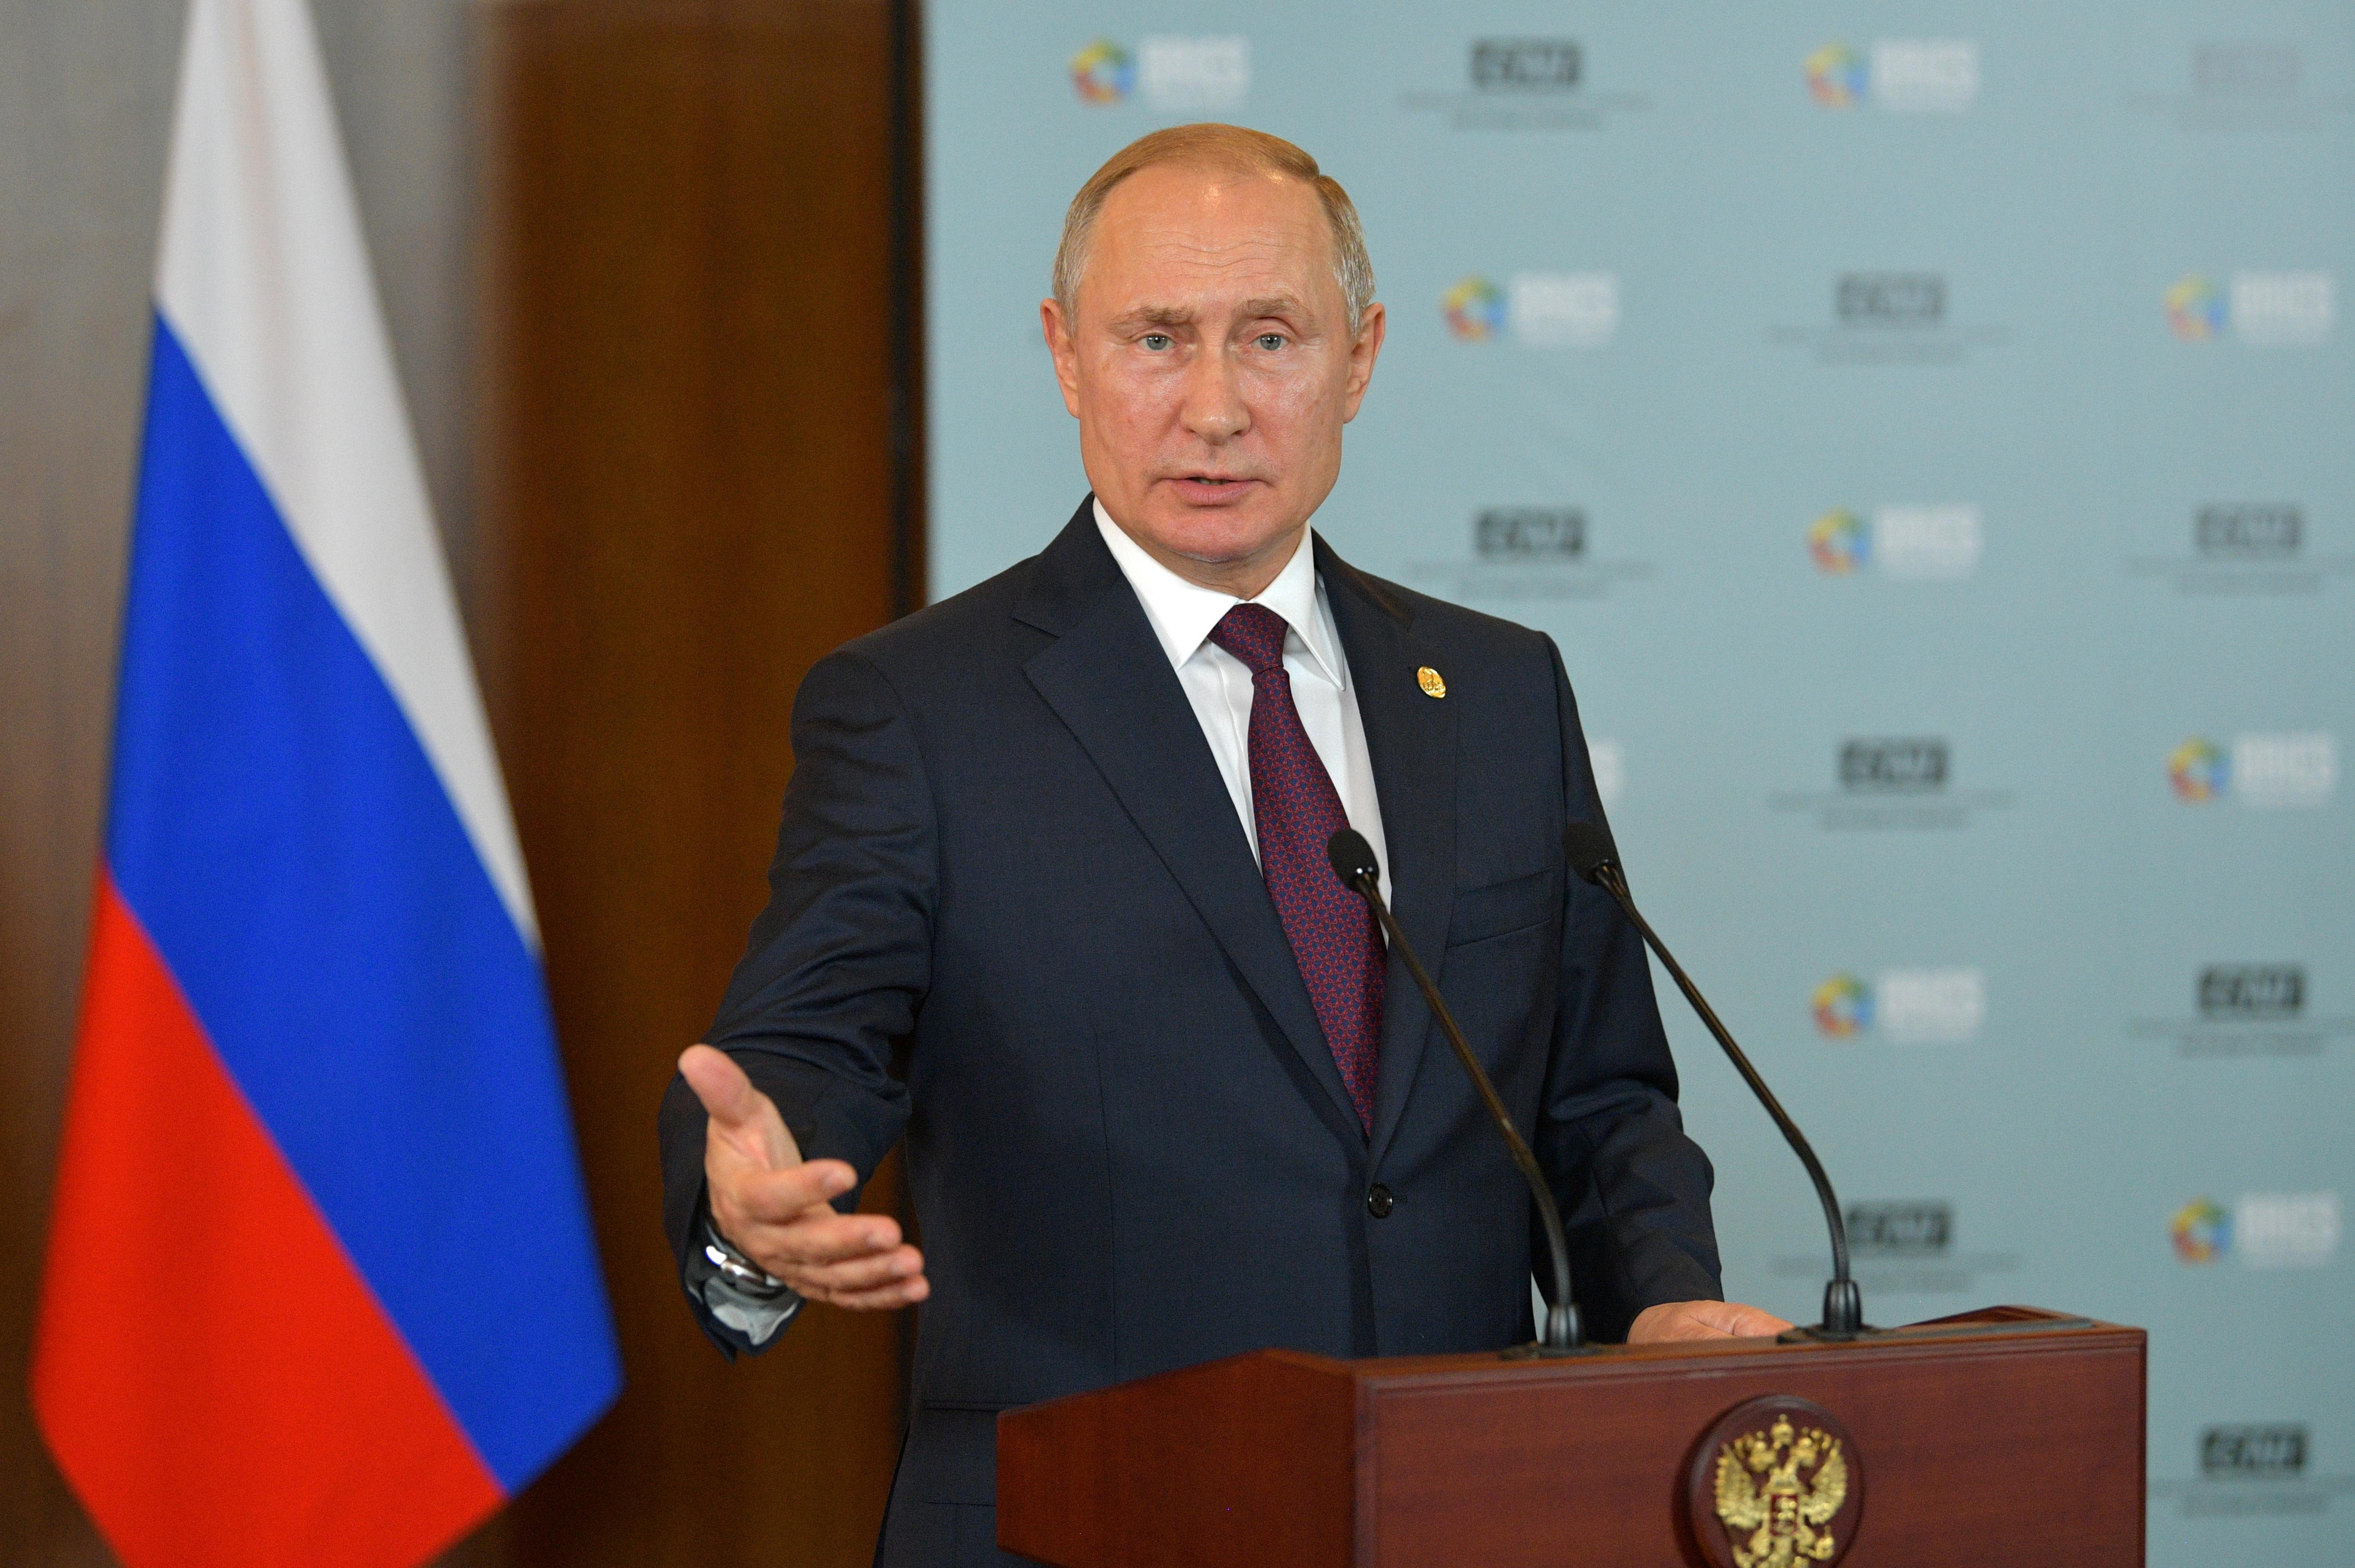 Kremlin confirms Putin to take part in Ukrainian peace summit in Paris